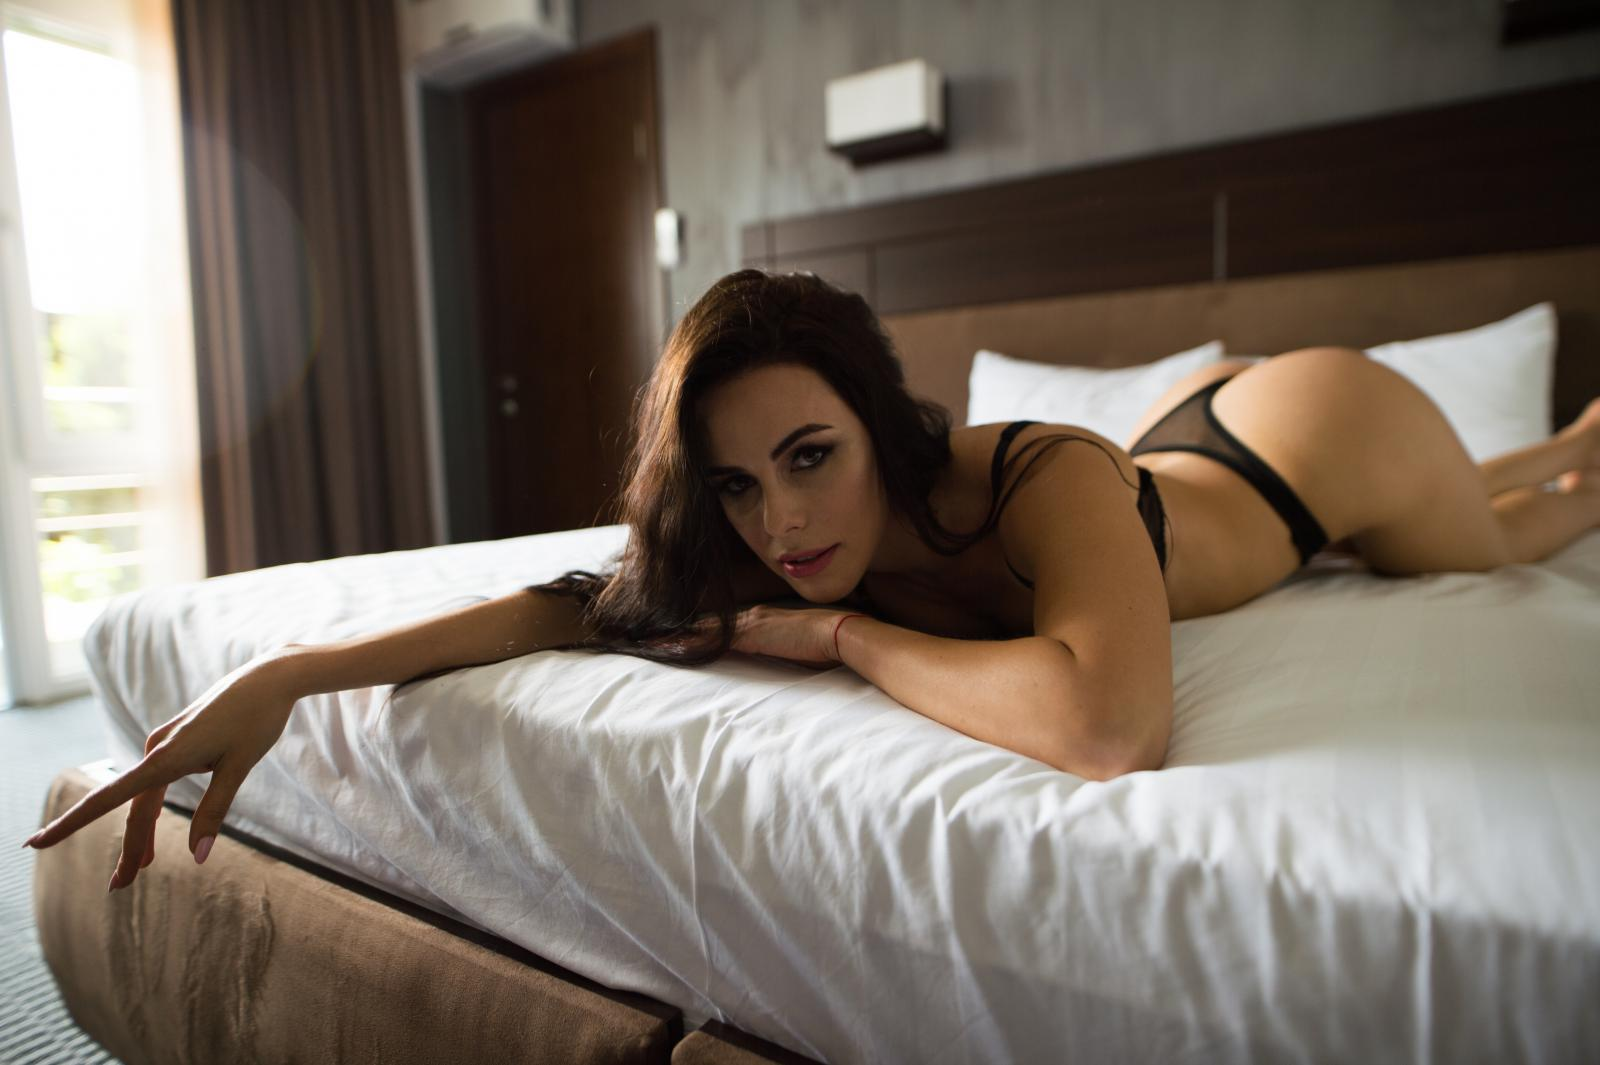 Nakon razvoda mnogim ženama nedostaje samopouzdanja, no to naravno, uz svu pažnju suprotnog spola, ne znači da ćete uskočiti u svaku postelju.